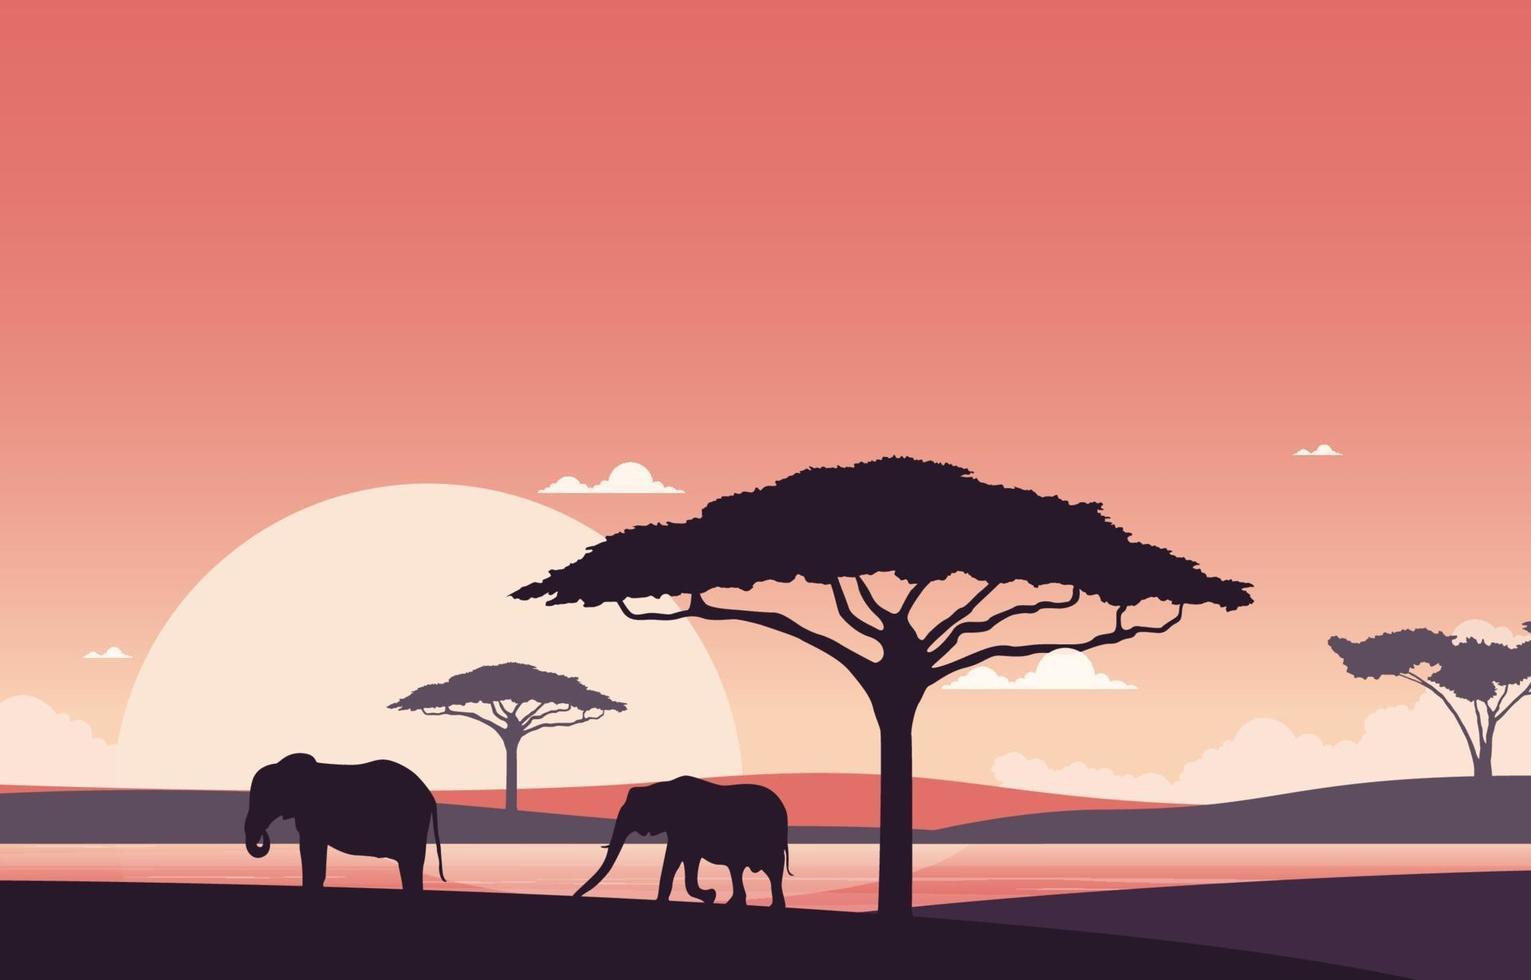 elefantes en el paisaje de la sabana africana durante la ilustración del atardecer vector